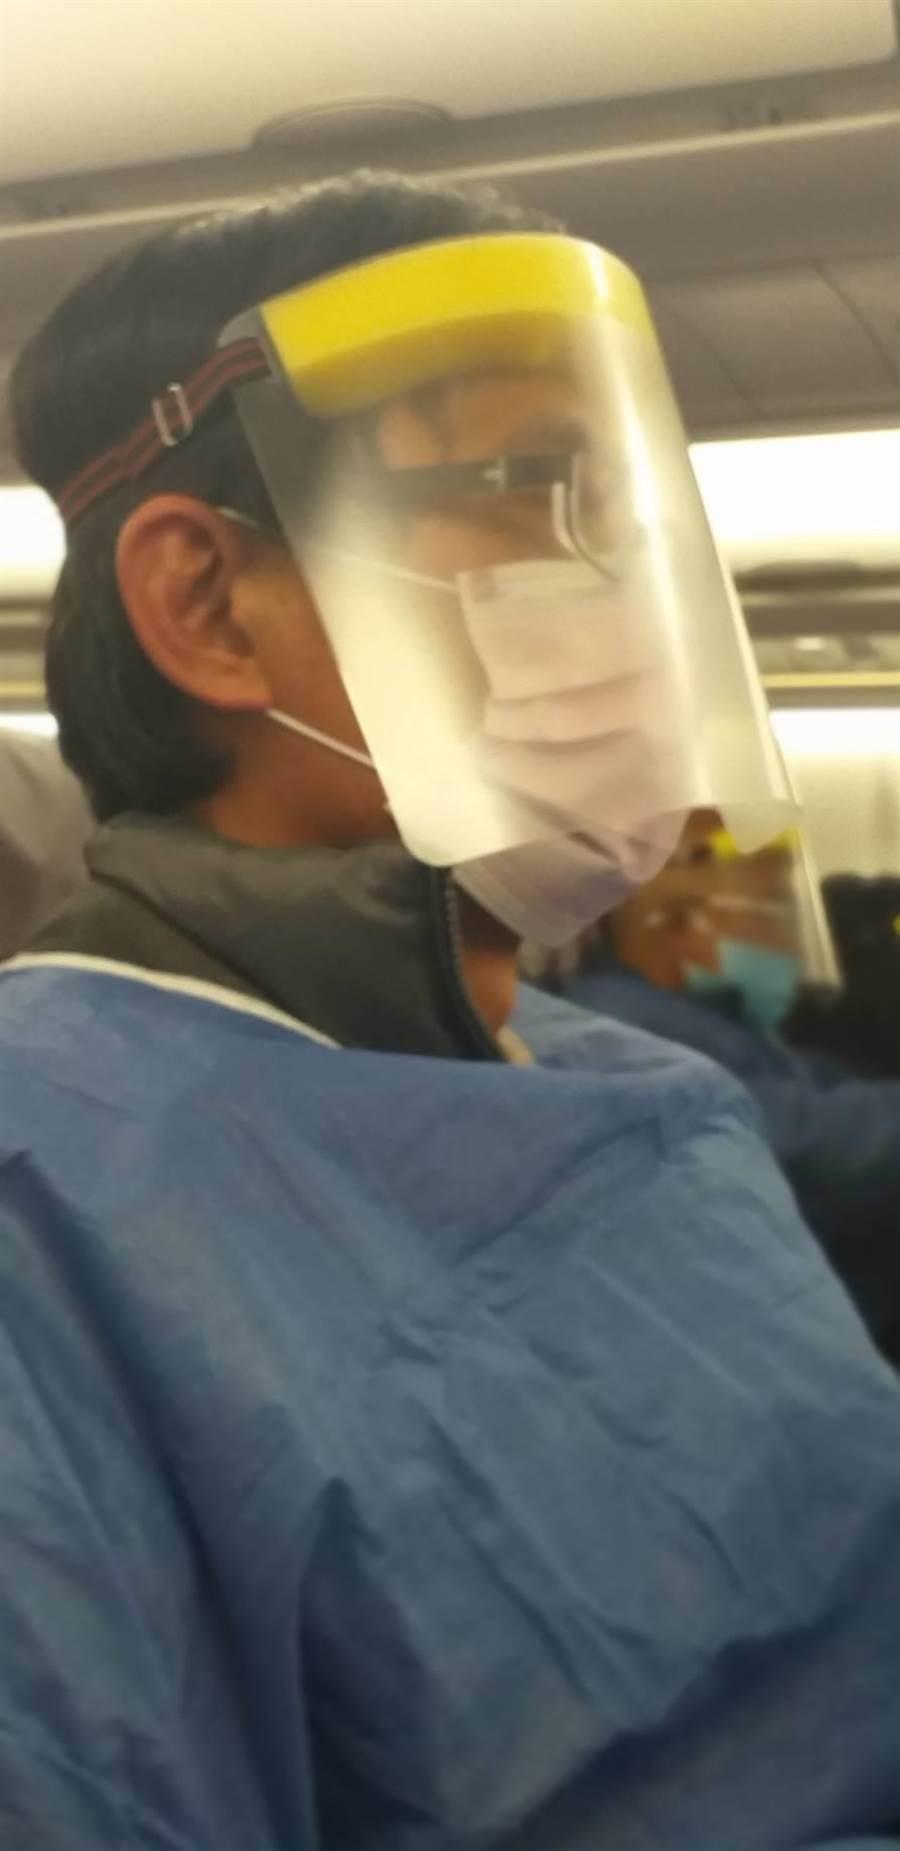 李姓鄰長夫婦分享搭乘專機,台灣所做的相關防疫措施,滴水不漏。(鄰長提供/吳建輝彰化報導)